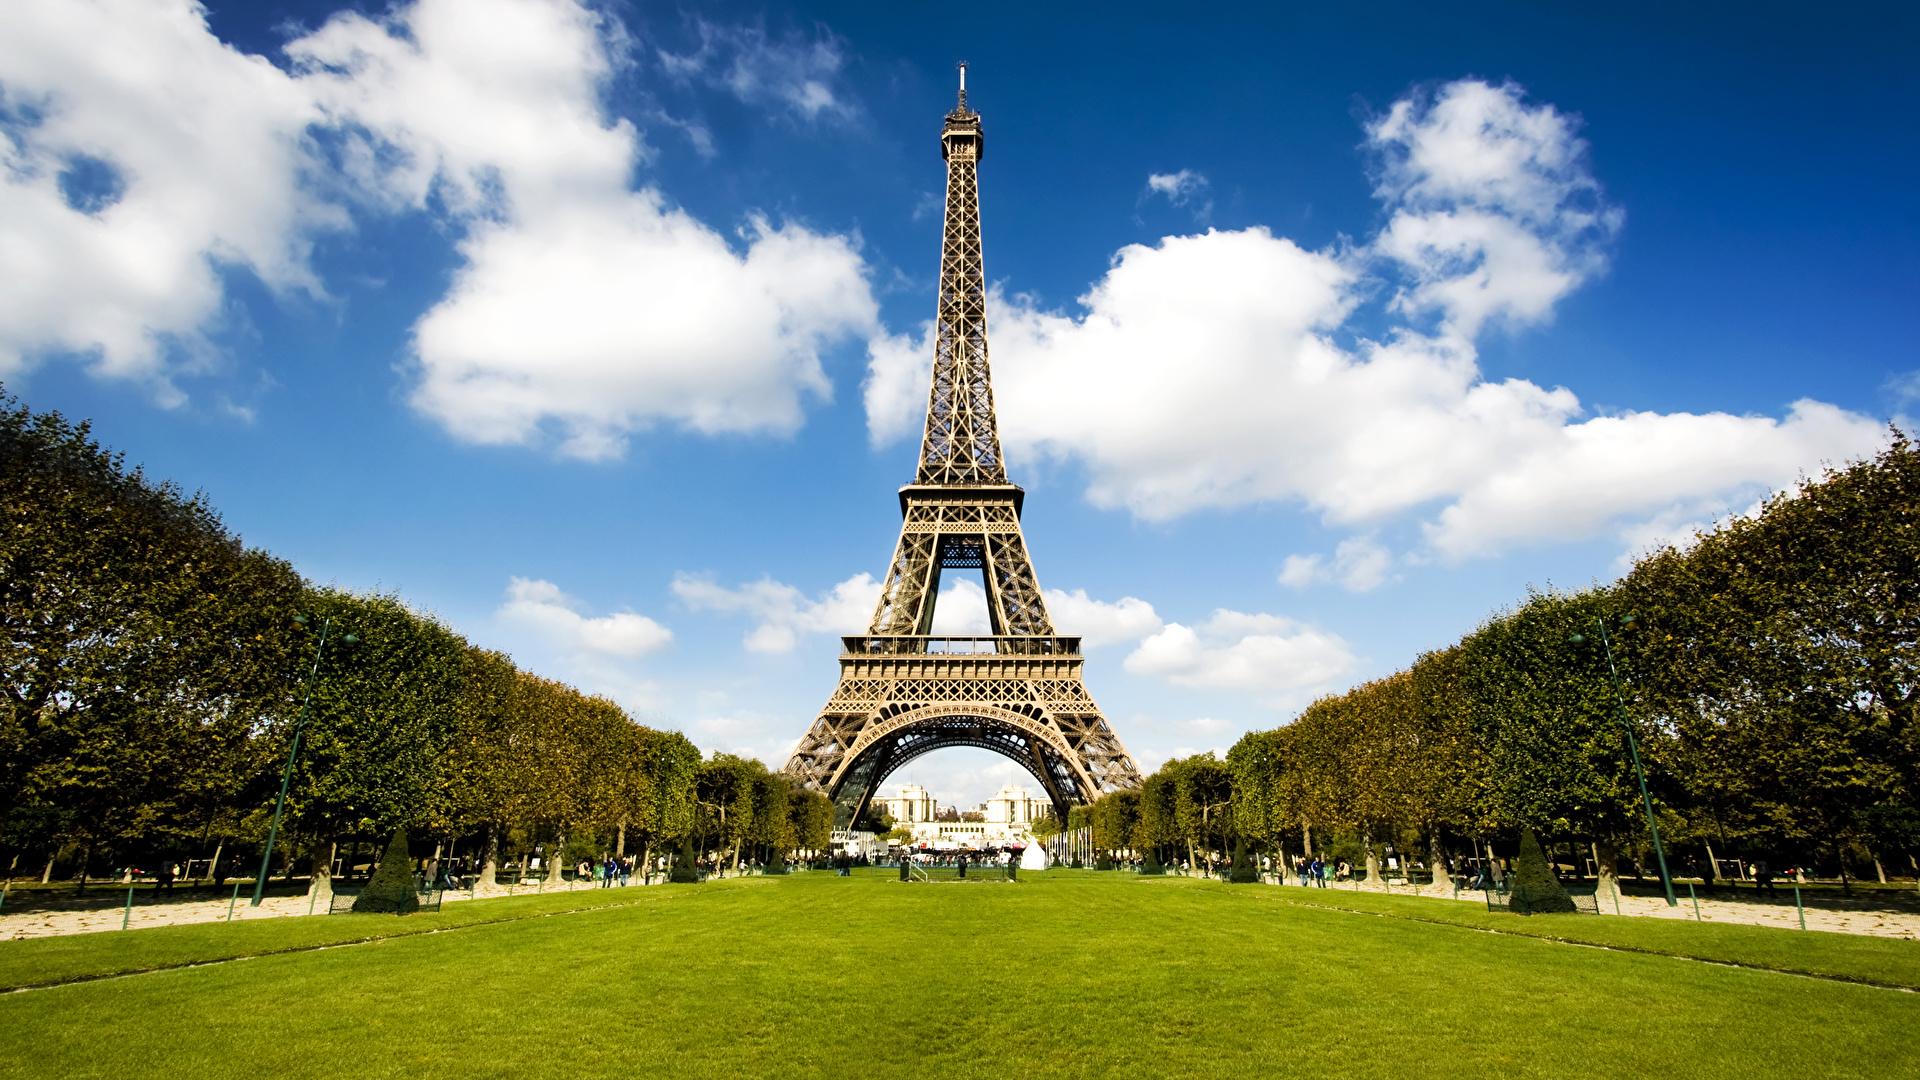 Картинки Париж Эйфелева башня Франция Парки город 1920x1080 париже парк Города